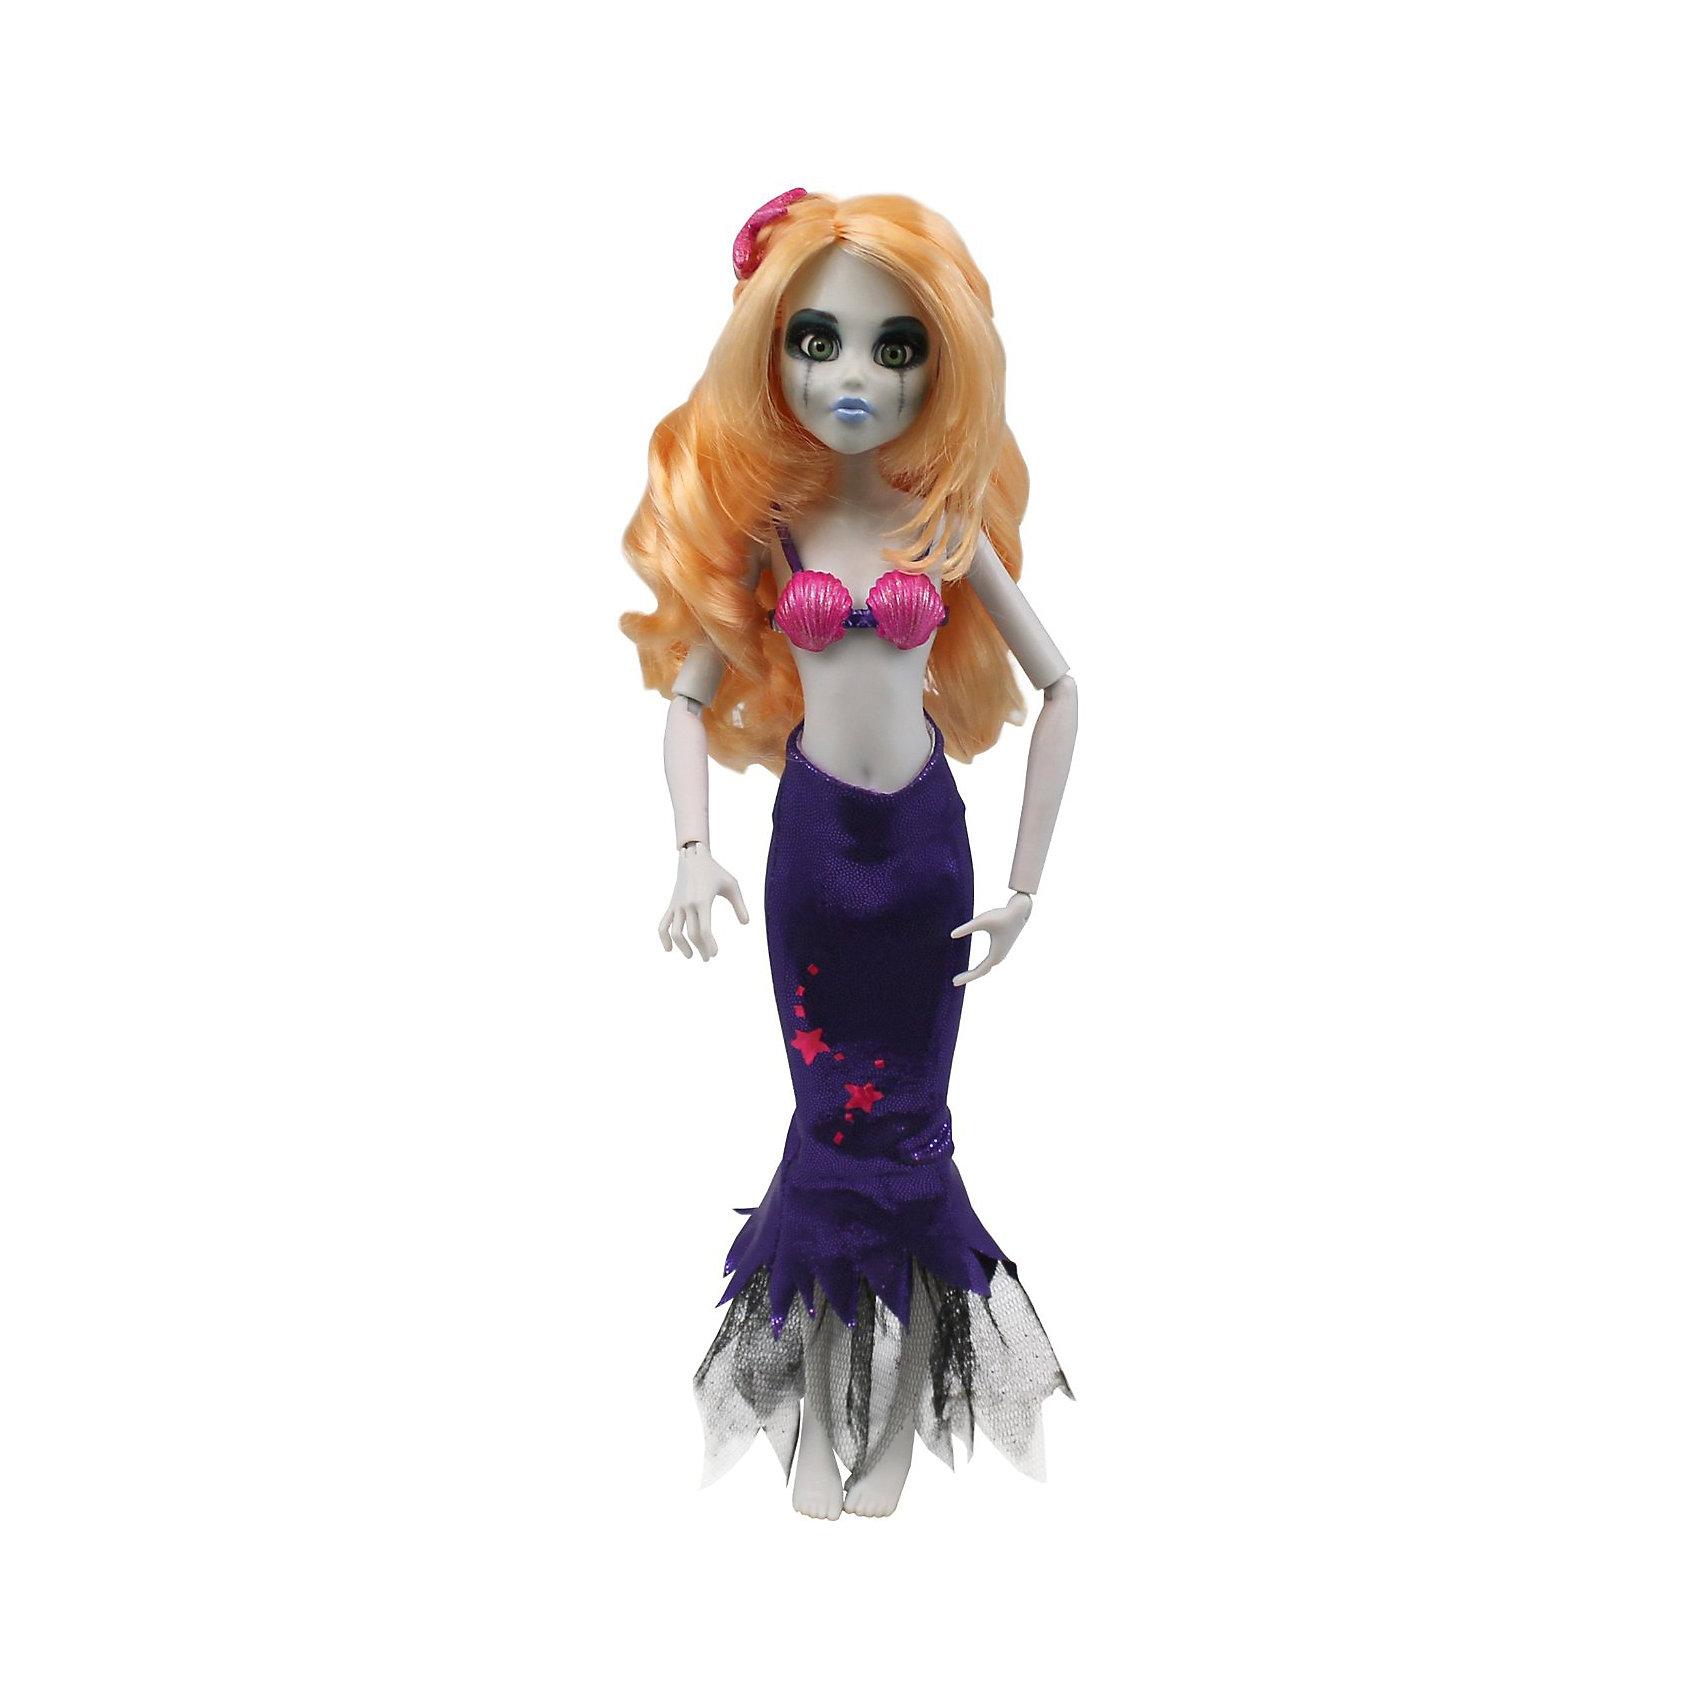 Кукла Зомби: Русалочка, WowWeeКуклы-модели<br>Кукла Зомби: Русалочка от WowWee - это сказочный персонаж , превращенный в загадочную и холодную принцессу-зомби. Несмотря на превращение, принцесса не утратила своей красоты, даже наоборот, приобрела определенный потусторонний шарм и очарование. Длинные белокурые волосы куклы очень мягкие и послушные из них получится множество великолепных причесок.  Костюм принцессы состоит из розового лифа и фиолетового съемного хвоста с роскошным плавником. Собери всю коллекцию принцесс-зомби и устрой незабываемый бал!<br><br>Дополнительная информация:<br><br>- Материал: пластик, текстиль.<br>- Высота куклы: 28 см.<br>- Комплектация: кукла, расческа, подставка.<br>- Руки, ноги, голова куклы подвижные.<br><br>Куклу Зомби: Русалочку, WowWee, можно купить в нашем магазине.<br><br>Ширина мм: 150<br>Глубина мм: 70<br>Высота мм: 350<br>Вес г: 150<br>Возраст от месяцев: 72<br>Возраст до месяцев: 168<br>Пол: Женский<br>Возраст: Детский<br>SKU: 4134079